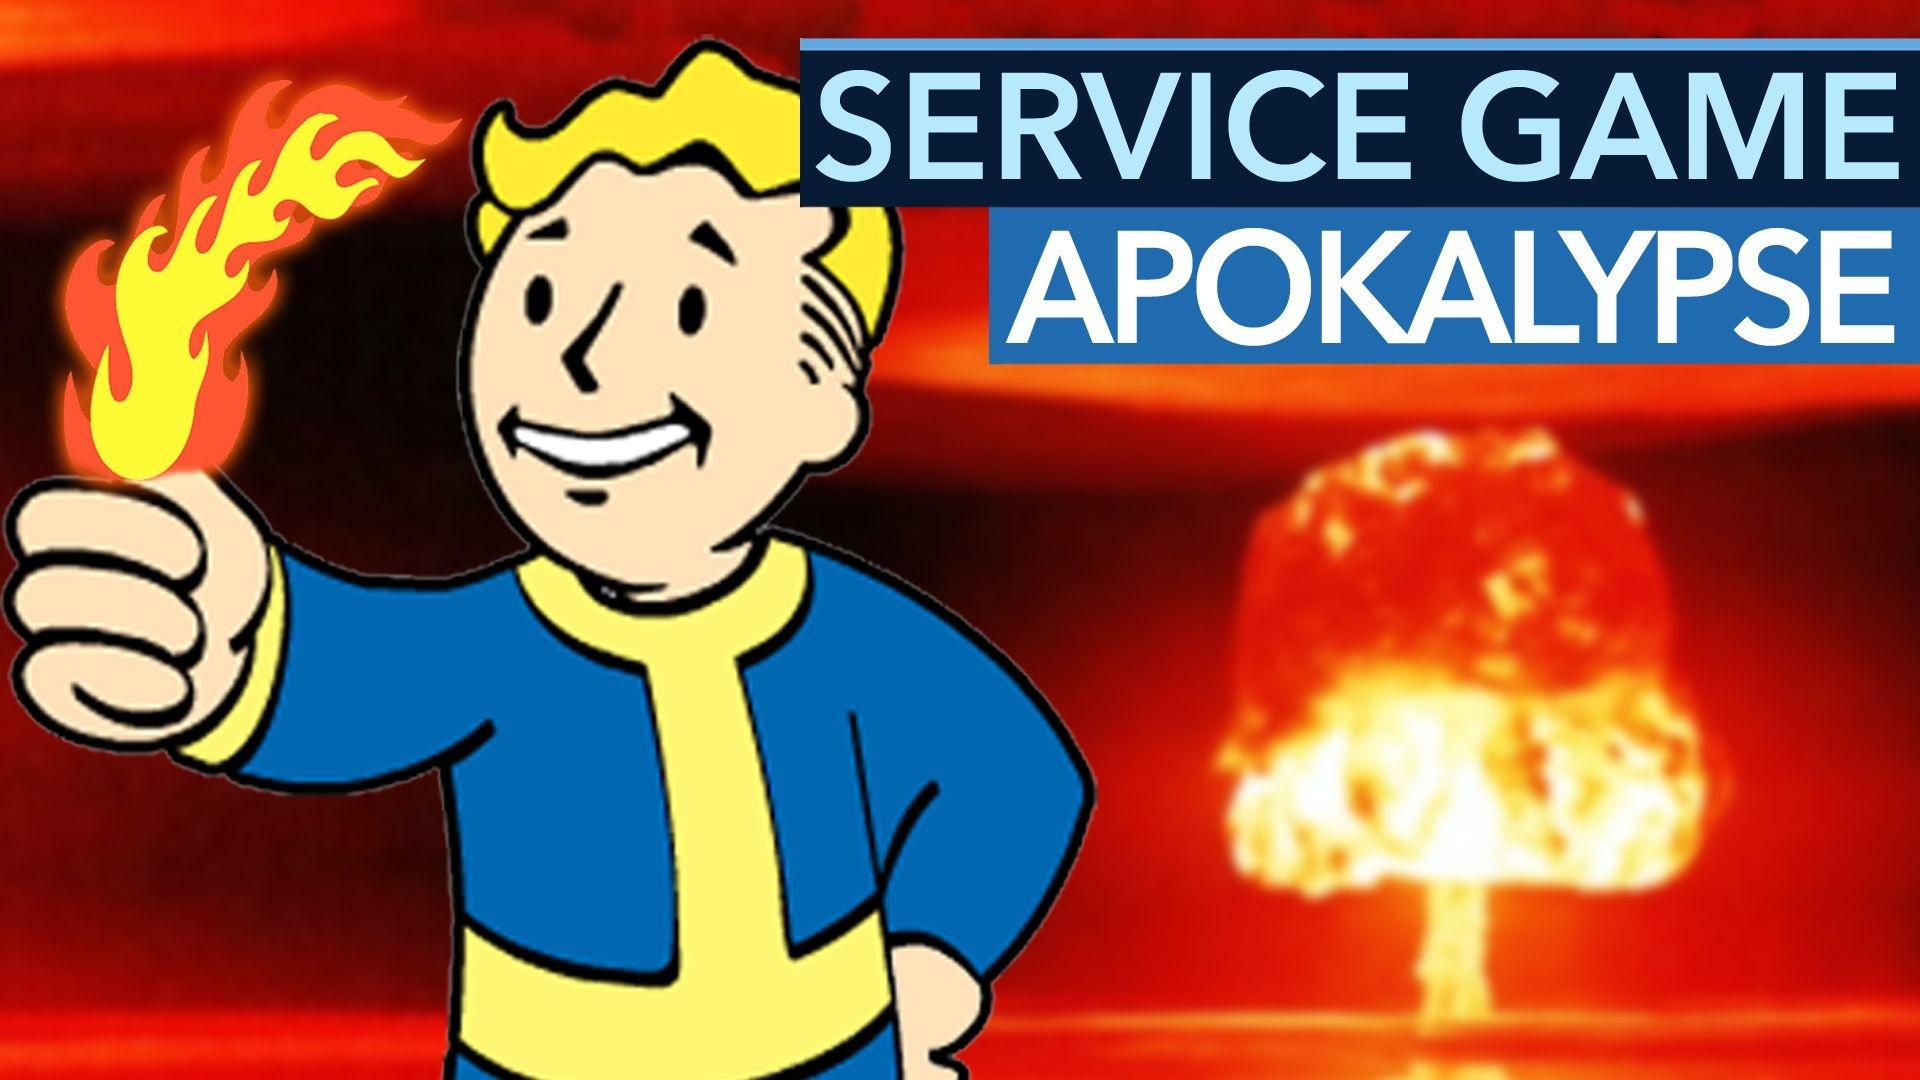 Die Service Game Apokalypse - Wie konnte das so schief laufen?